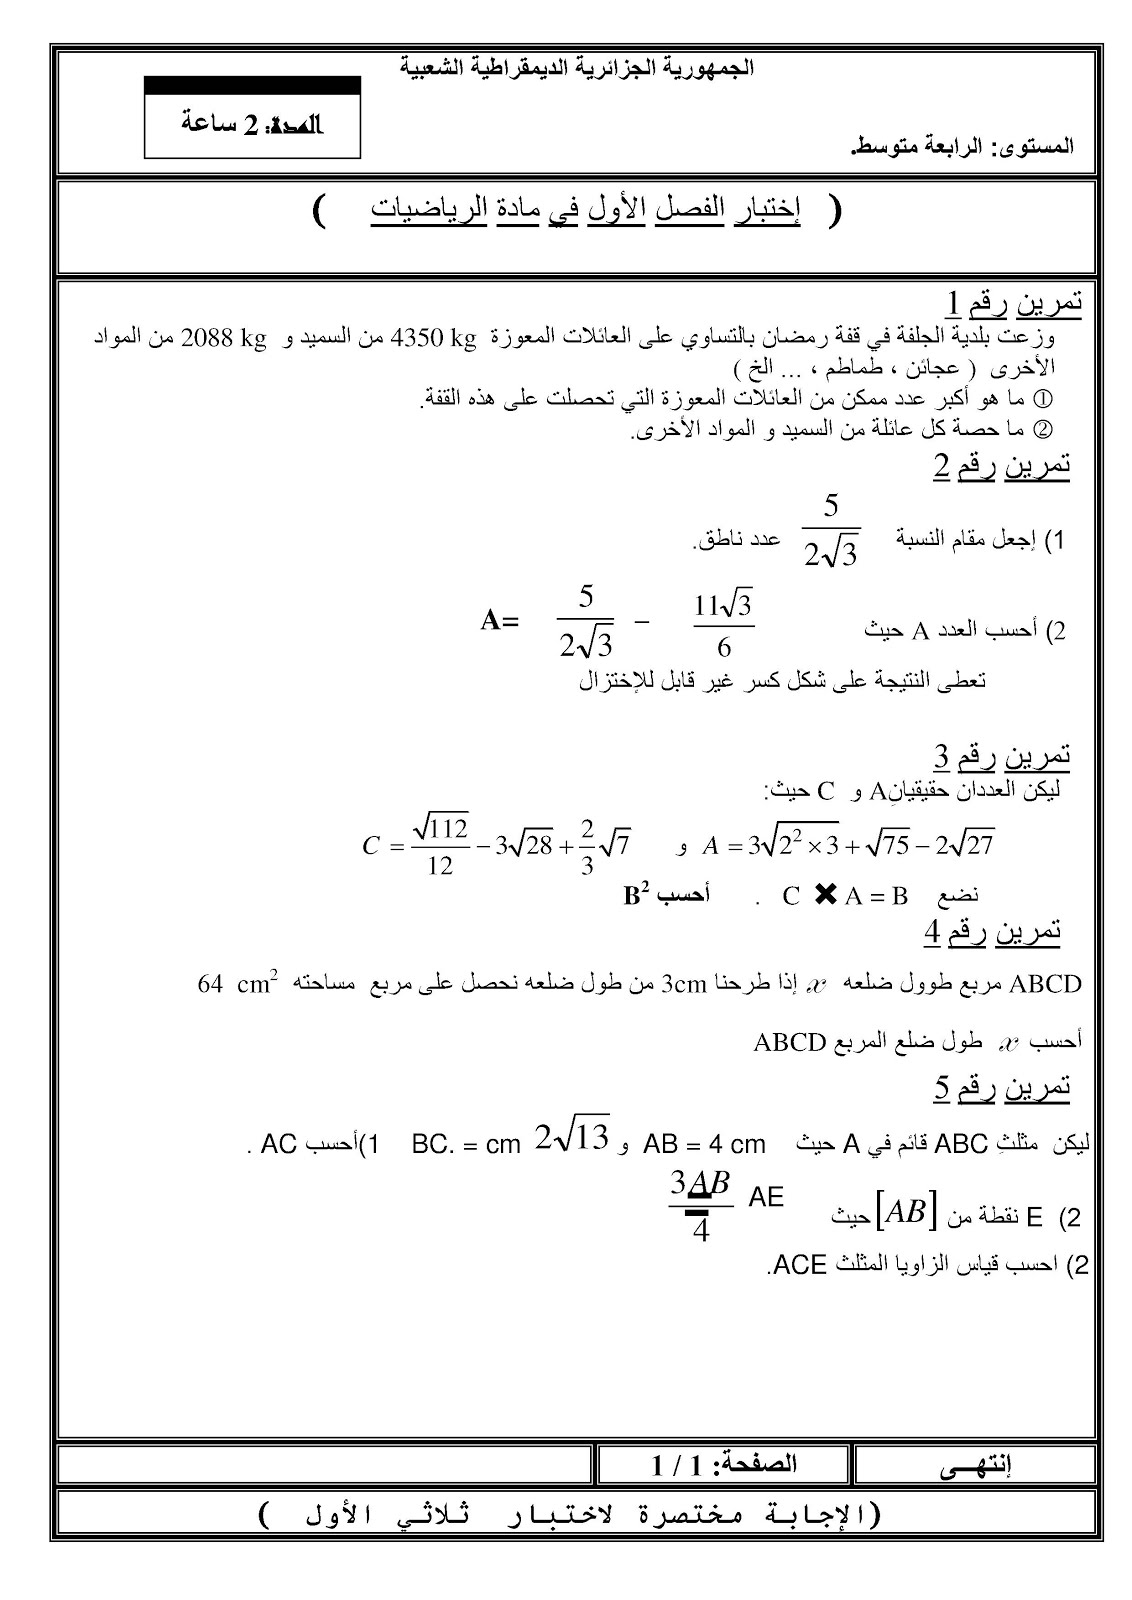 اختبار الرياضيات مع التصحيح للسنة الرابعة متوسط للفصل الأول